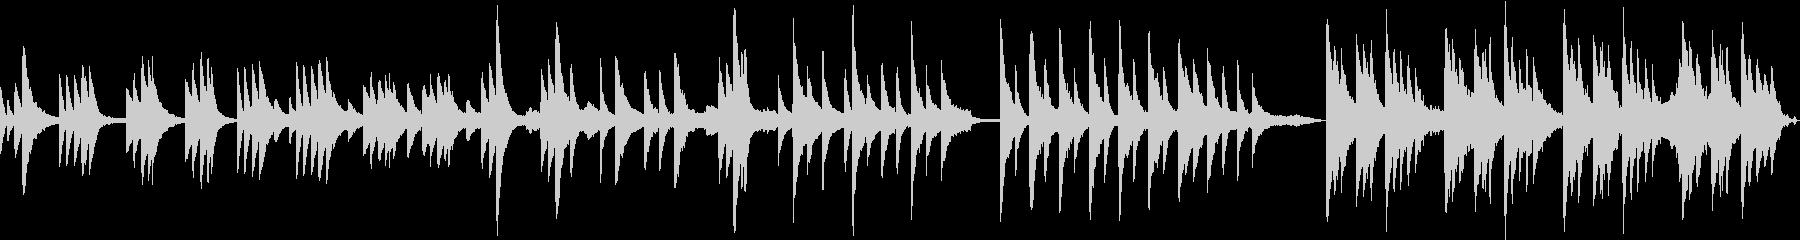 ピアノの旋律をメインにしたバラードの未再生の波形